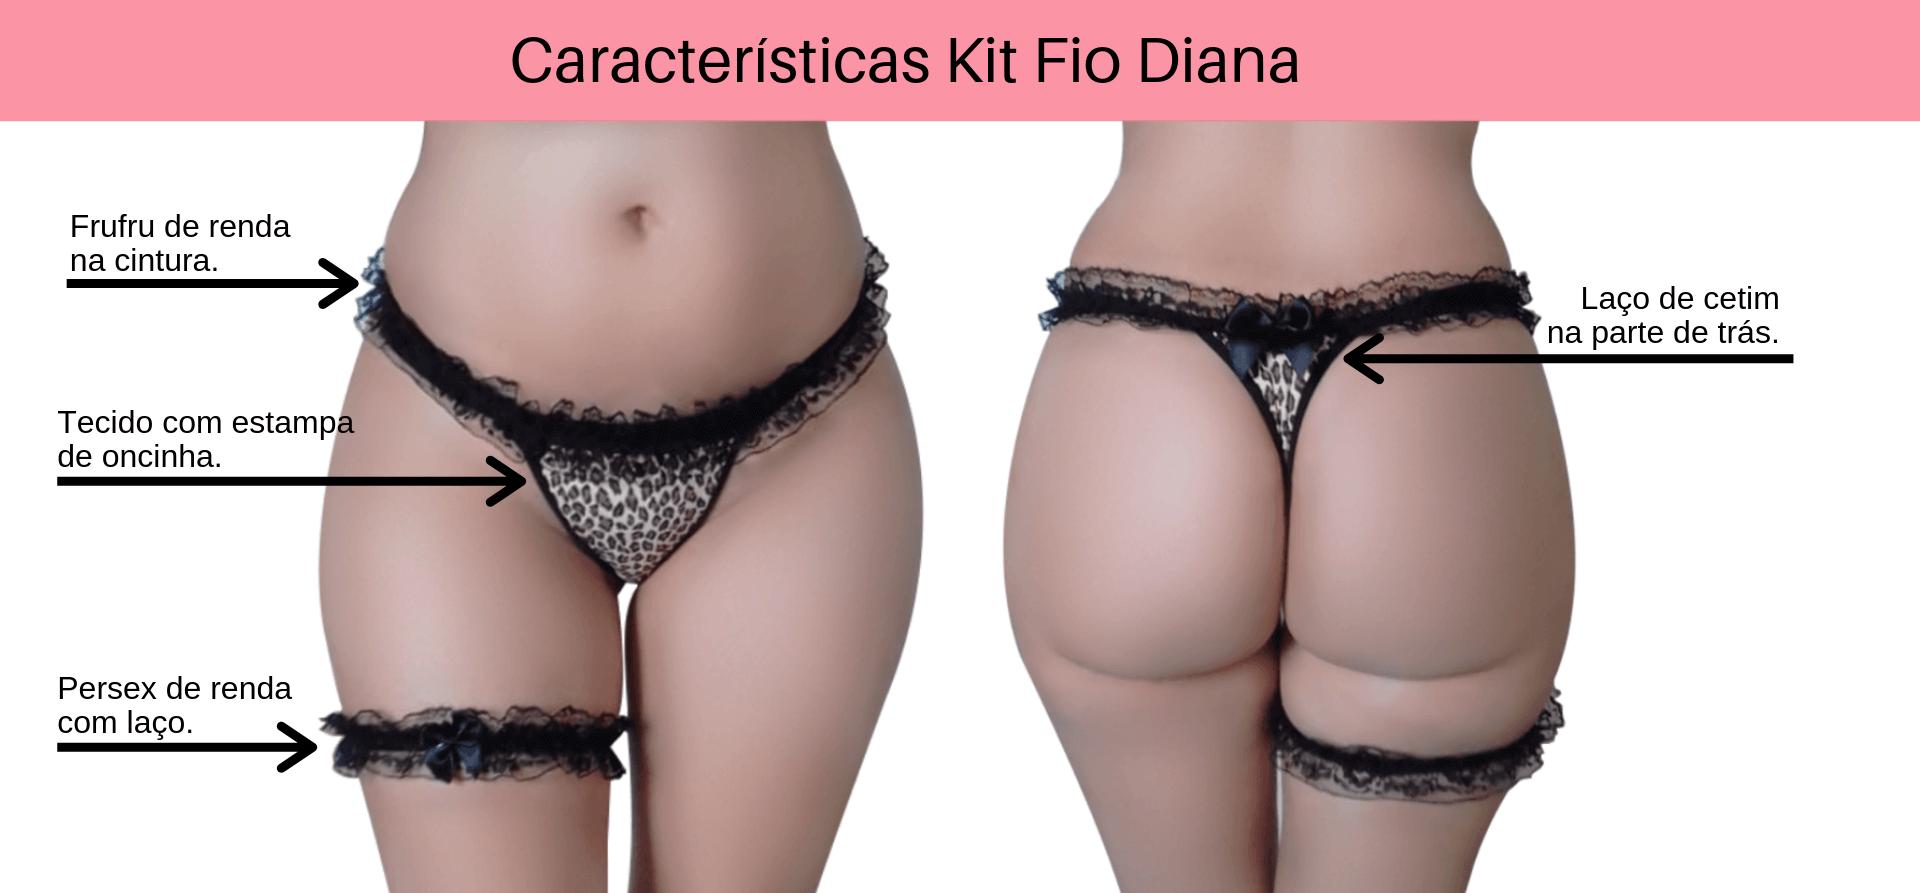 0a0c97838 Kit Calcinha Fio Dental com Frufru de Renda Diana - Sua Loja de Calcinhas  Sexy